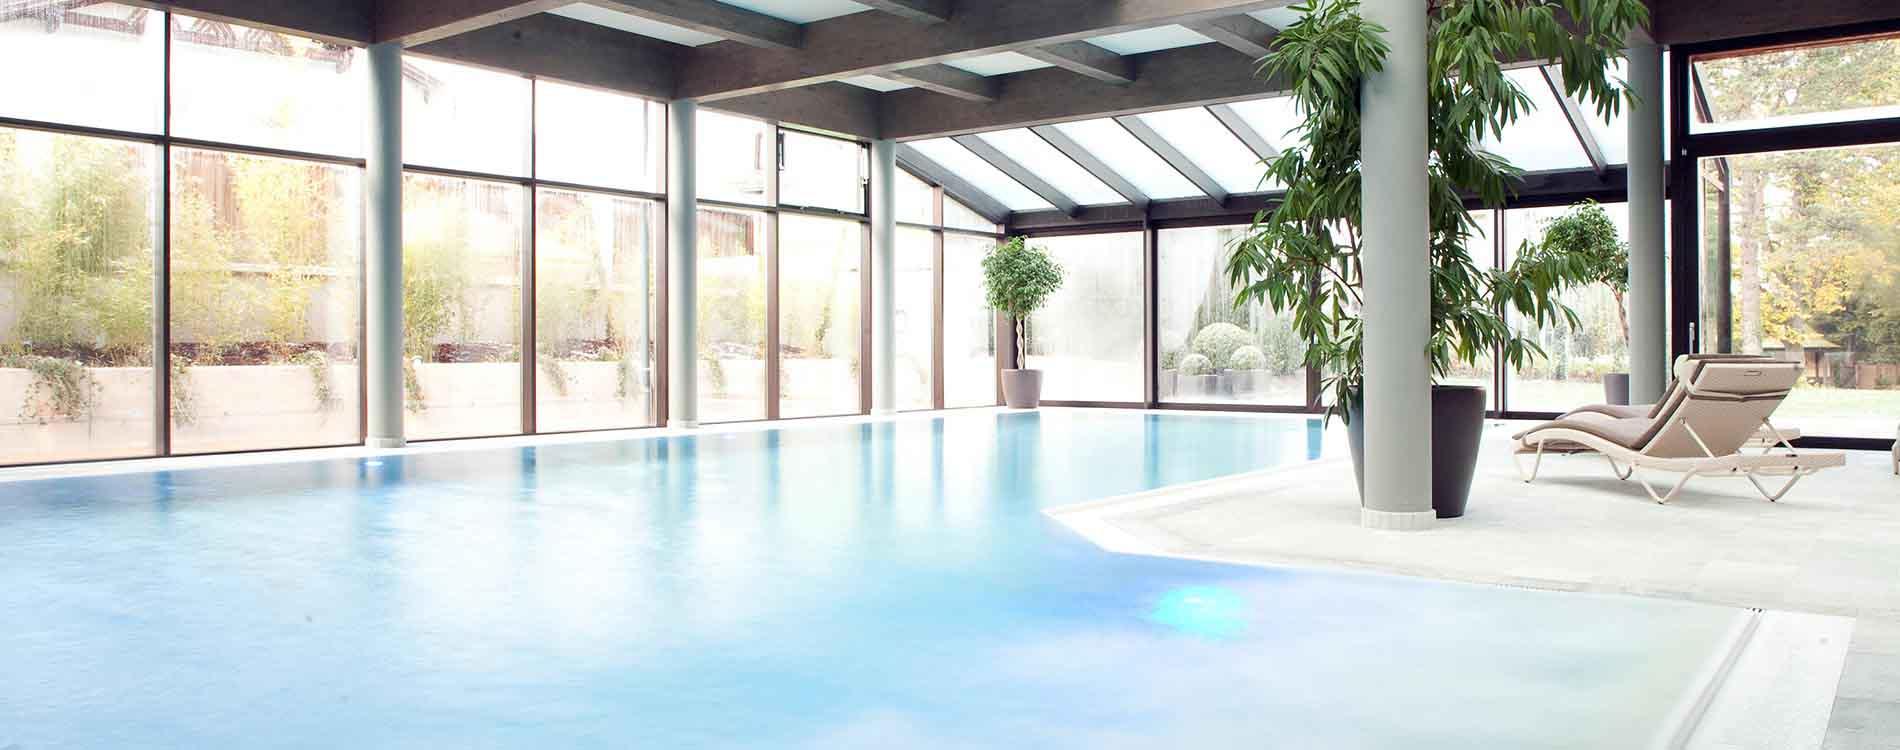 Mayr Classic at Mayr clinic Park Igls Tyrol Austria - Niche Destinations